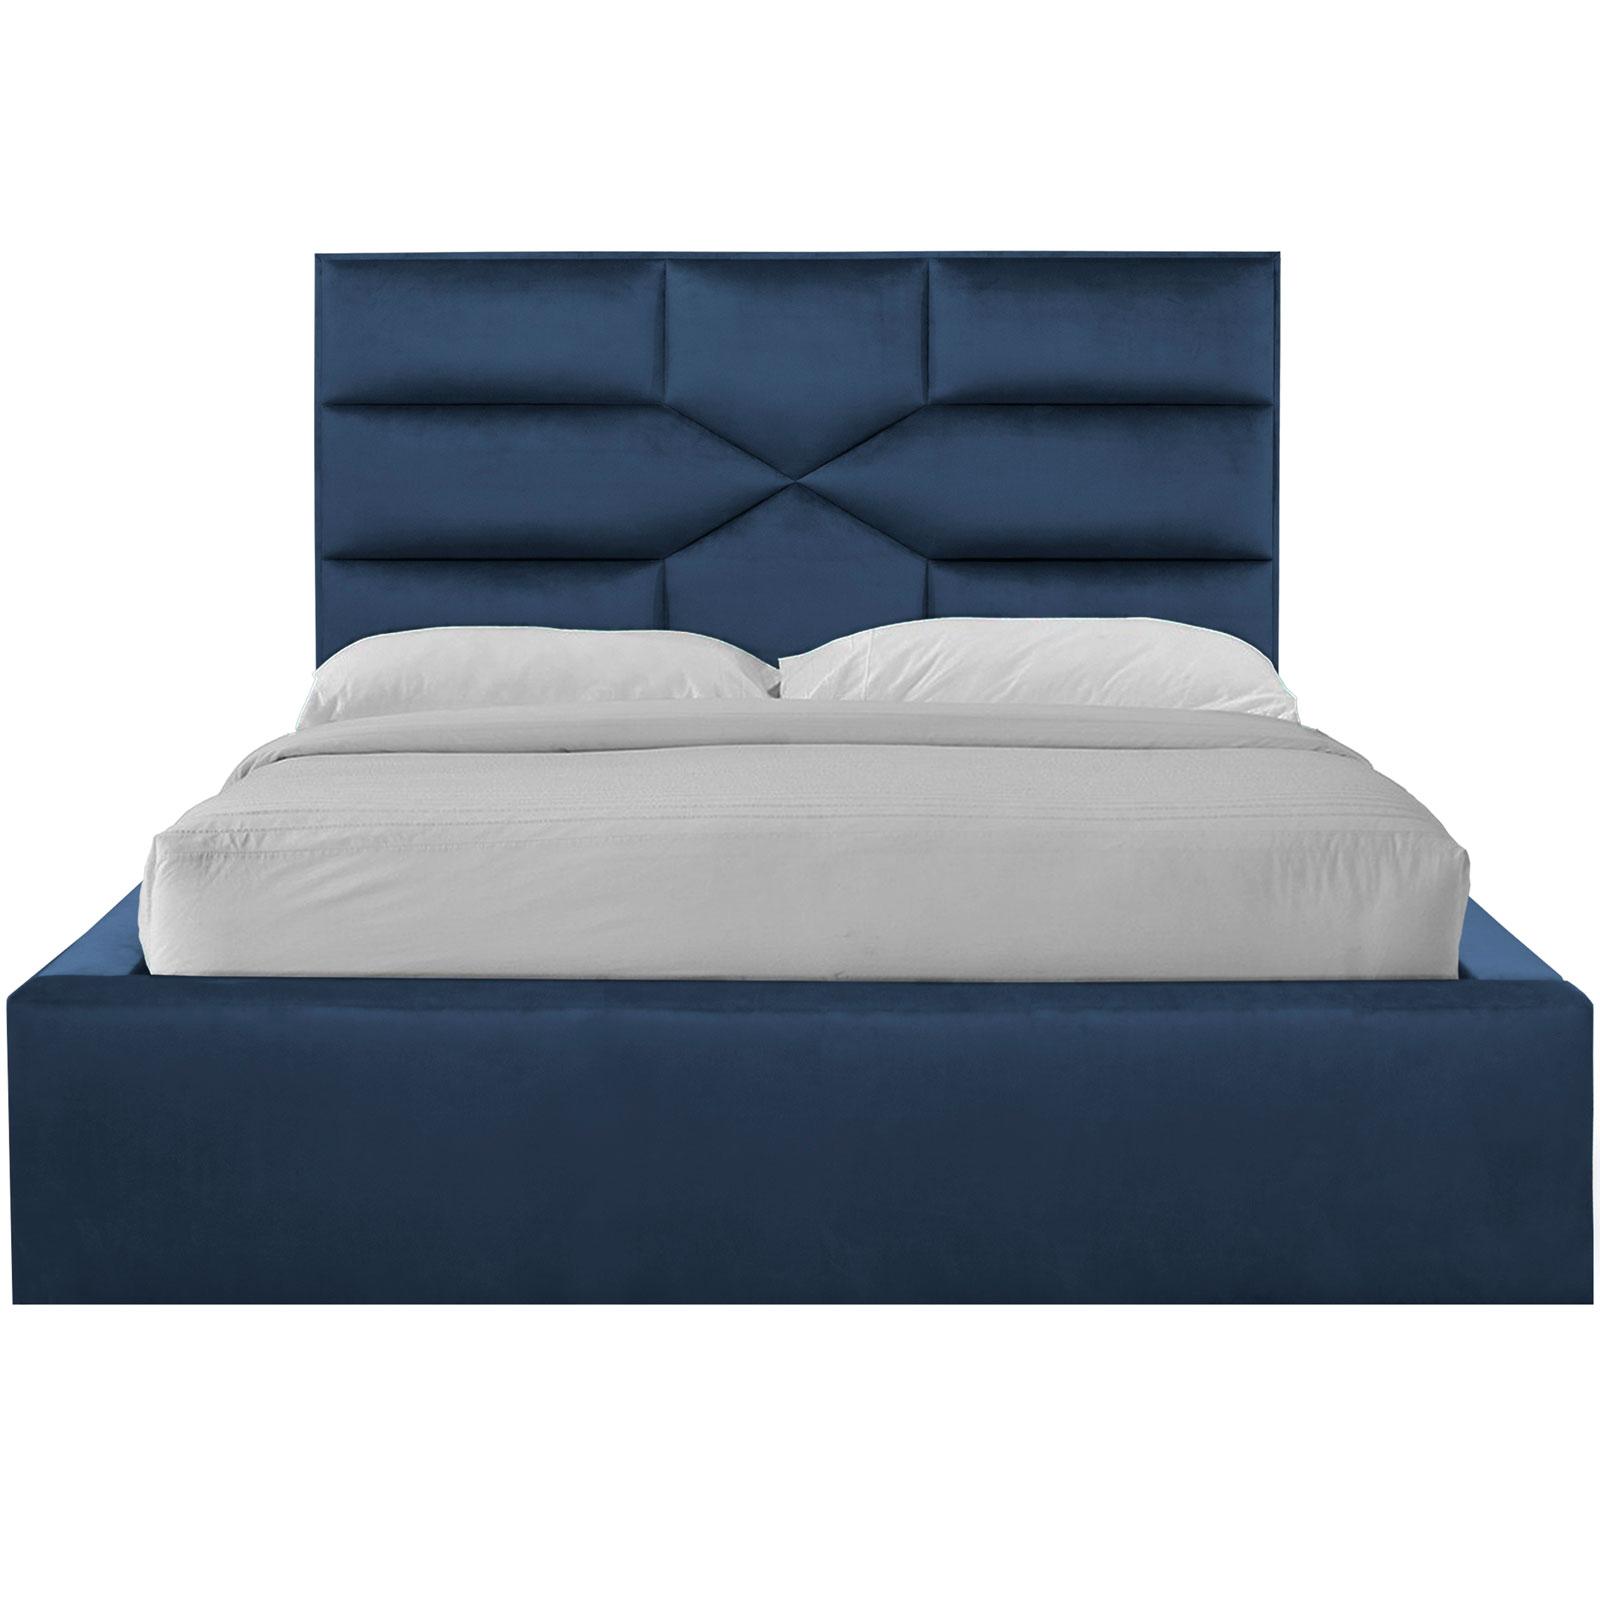 تخت خواب دو نفره دیاموند